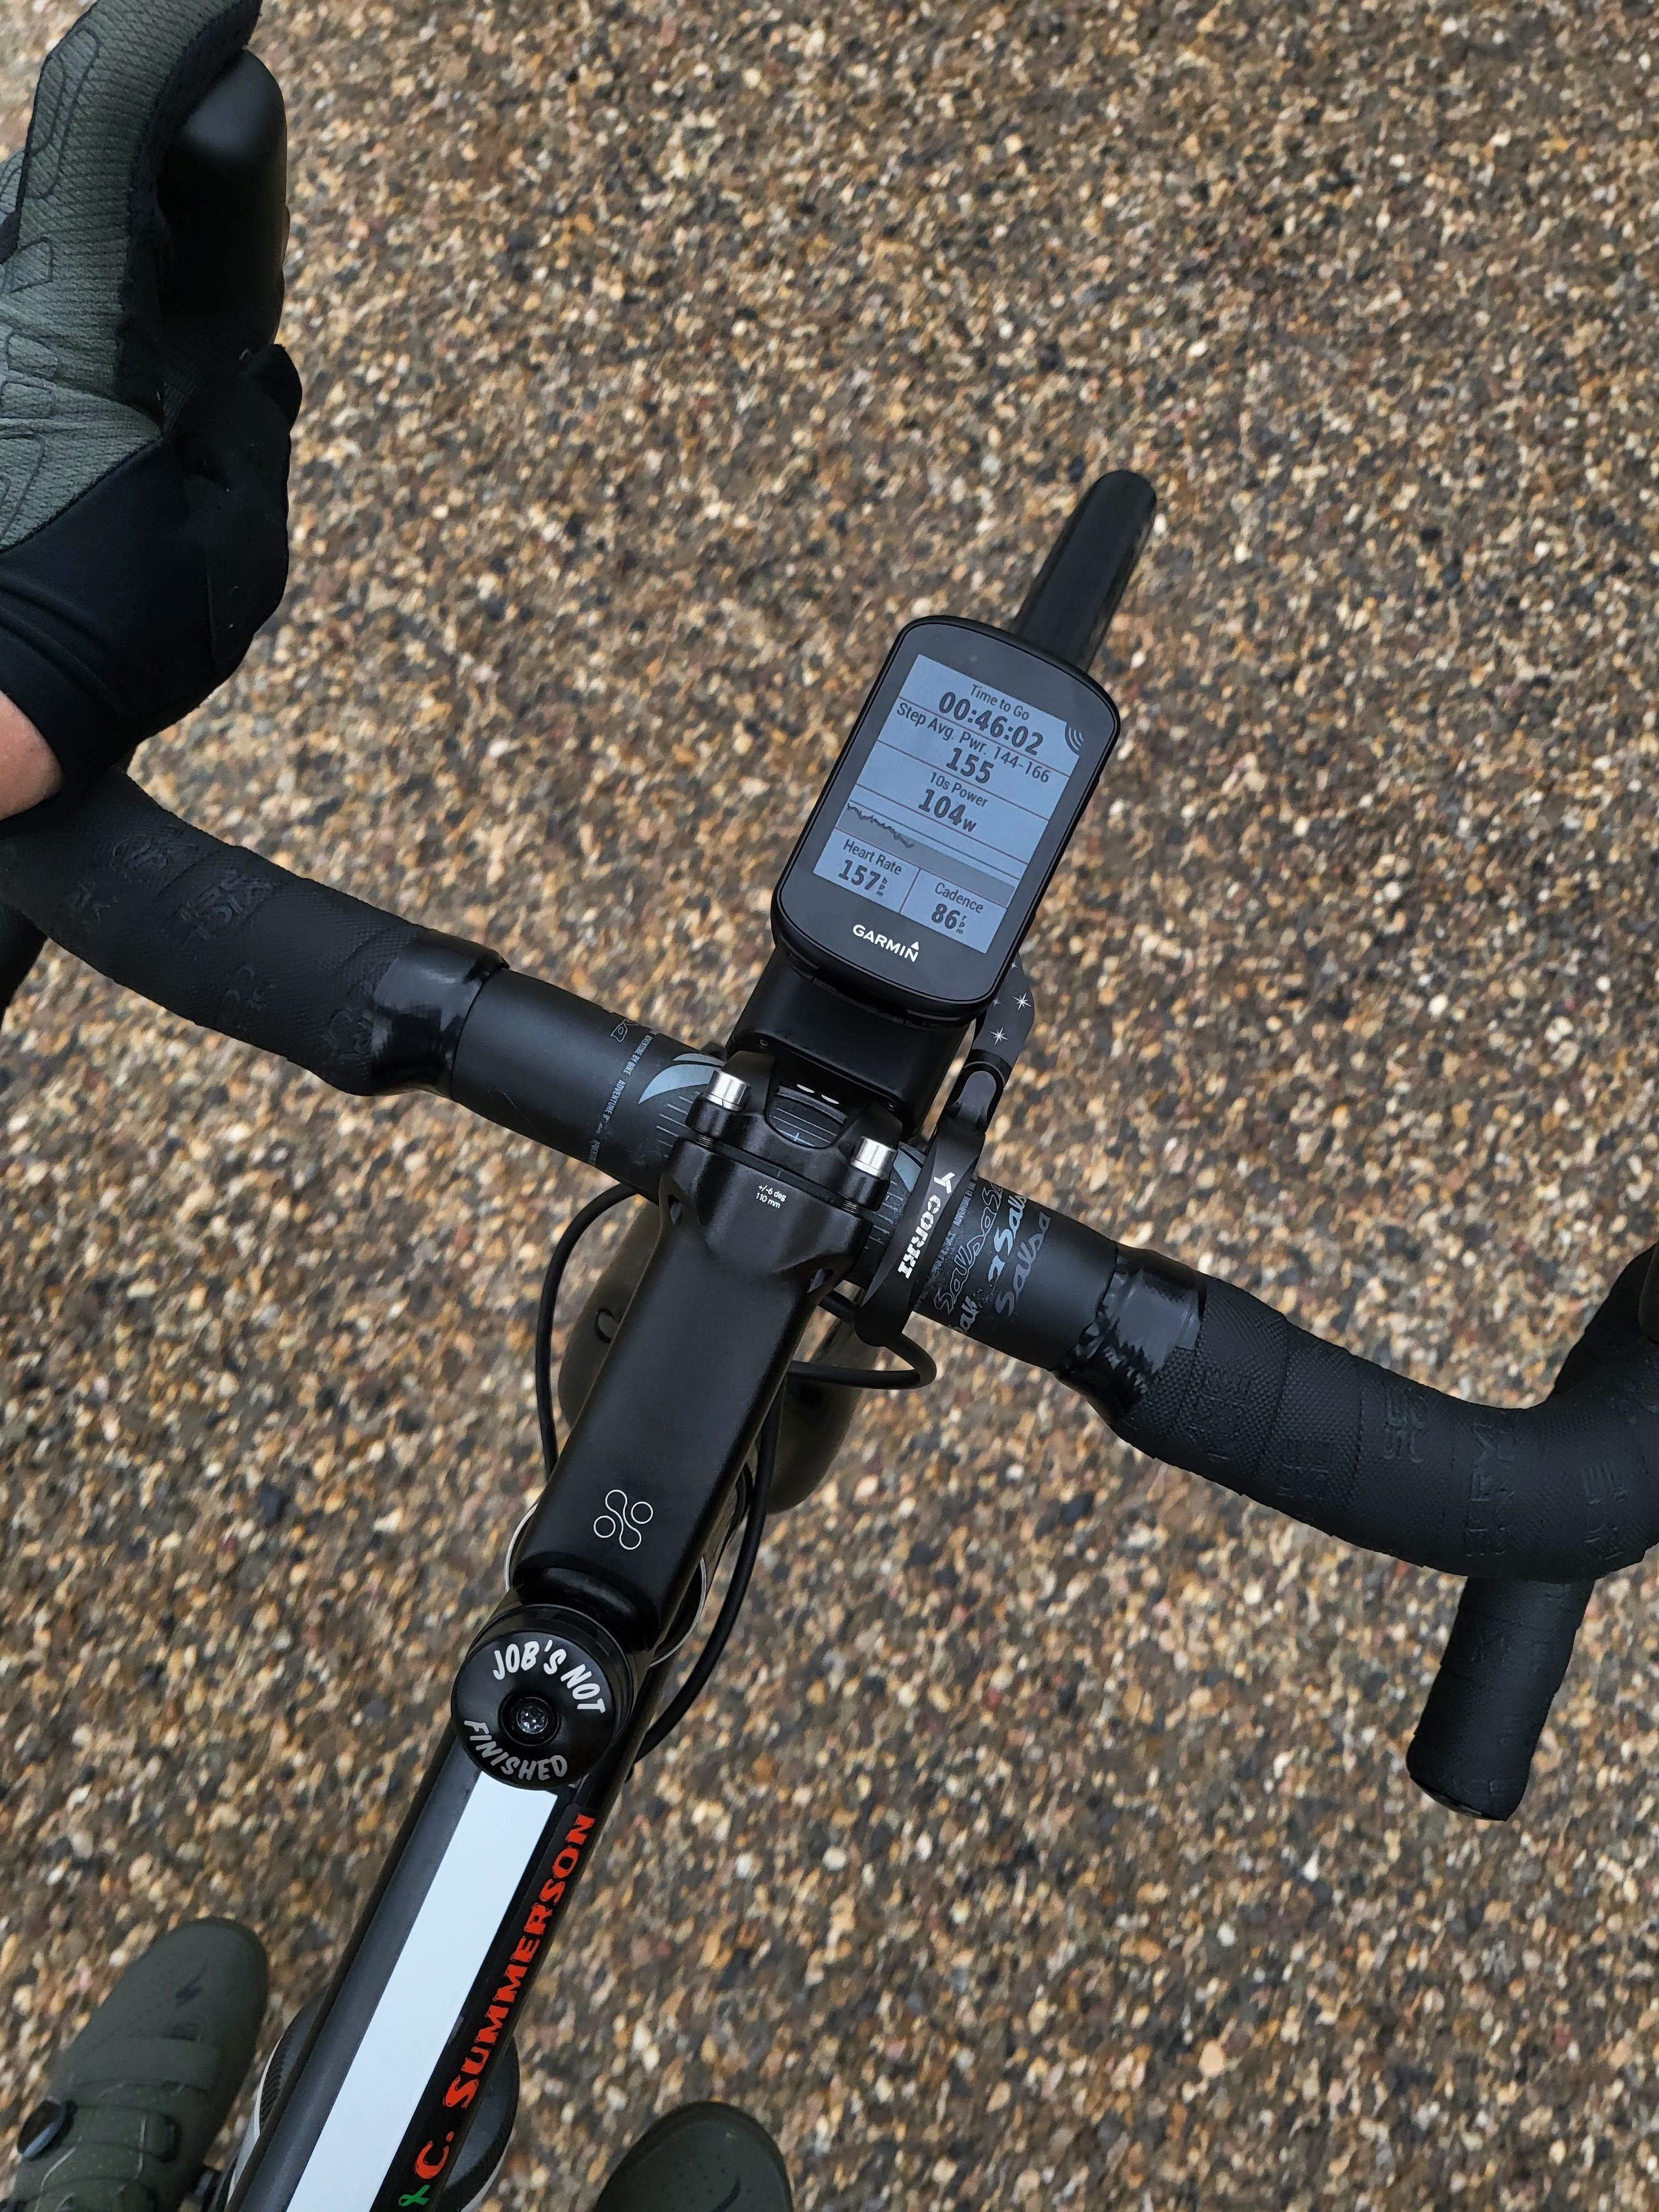 A shot of a bike take while riding